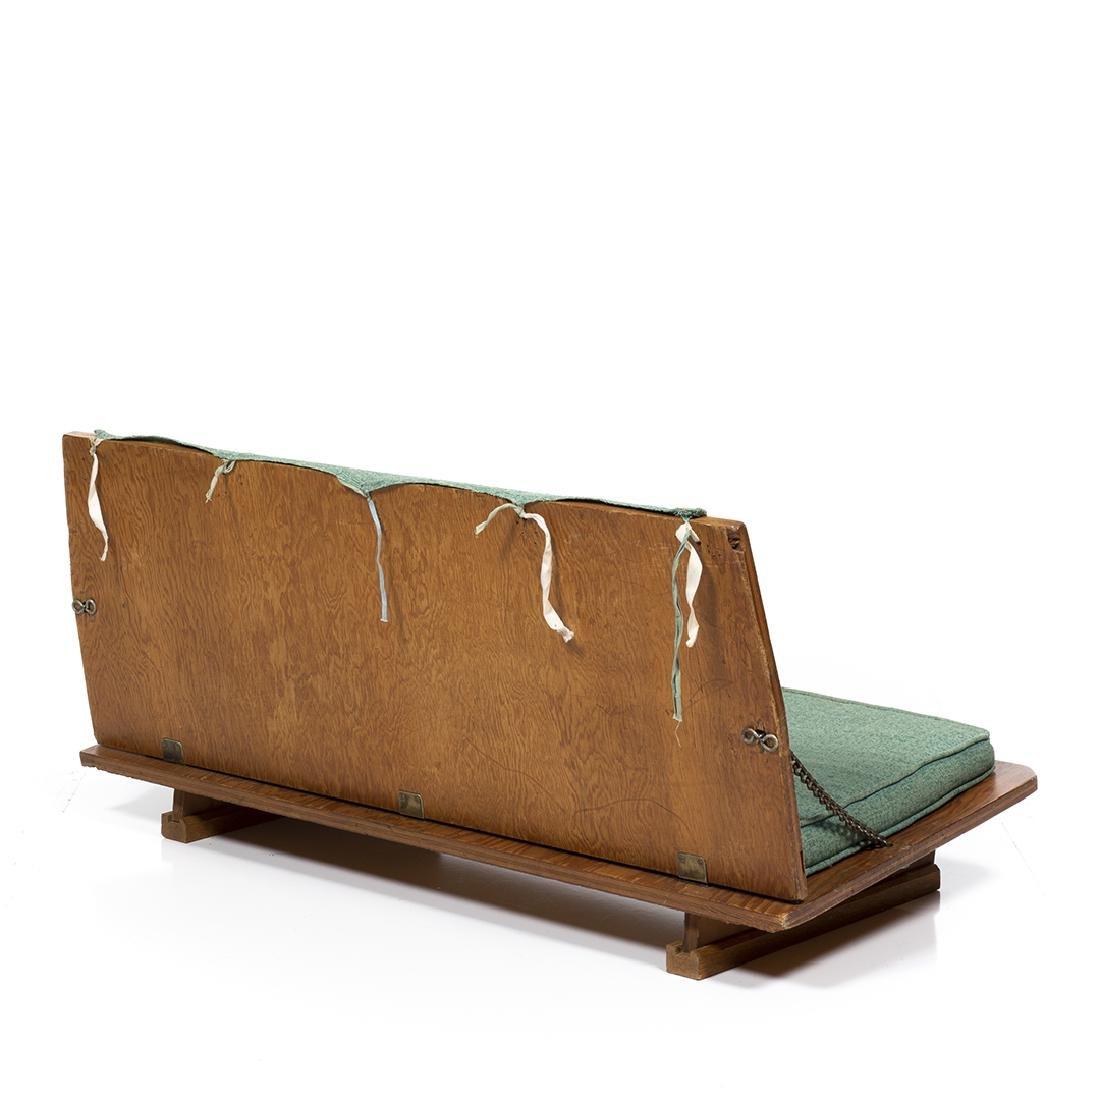 Frank Lloyd Wright Bench - 4